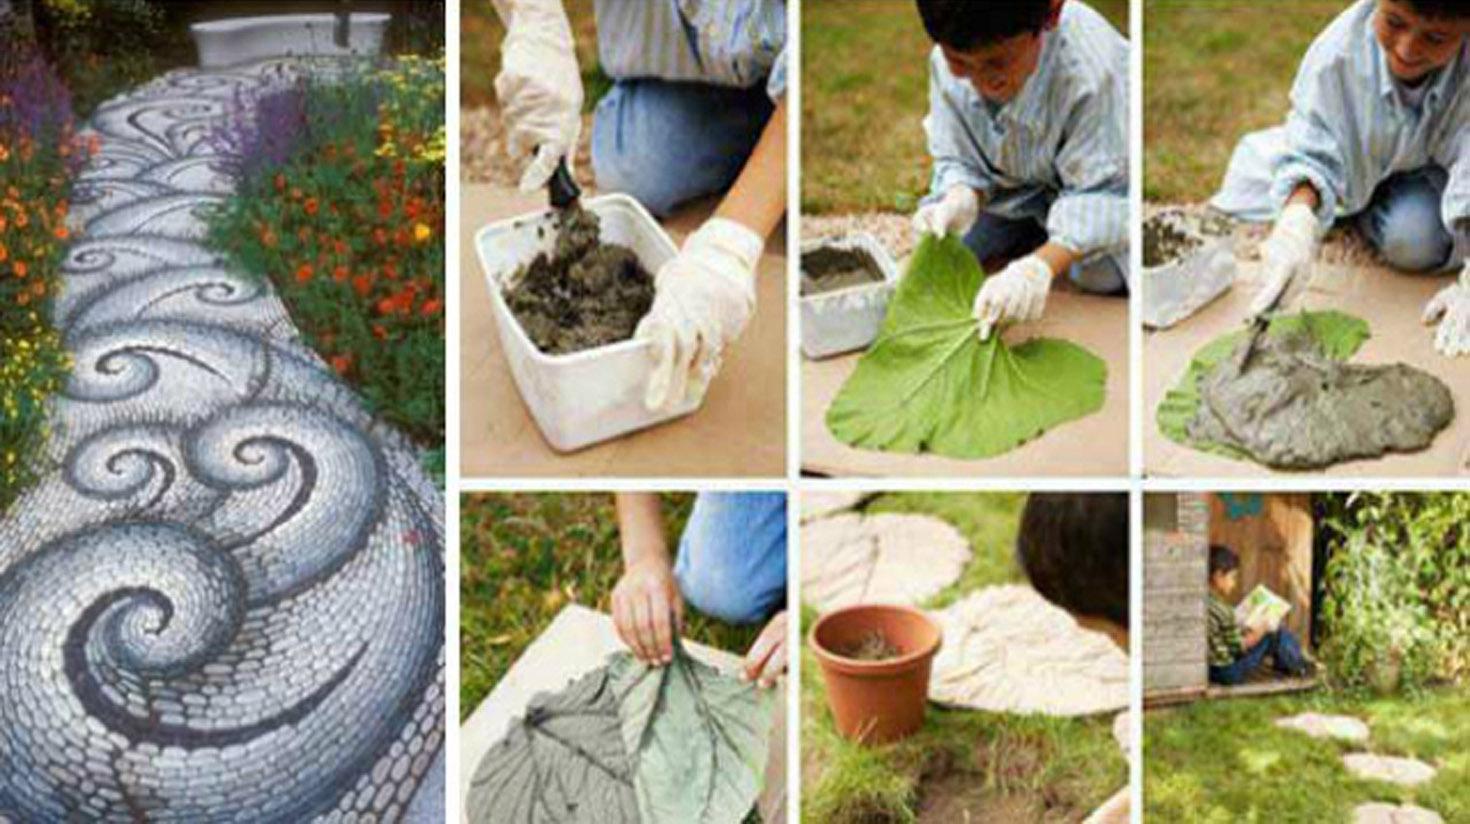 12 Idées Pour Aménager Vos Allées De Jardin ! | Diy Seloger concernant Faire Des Allées De Jardin